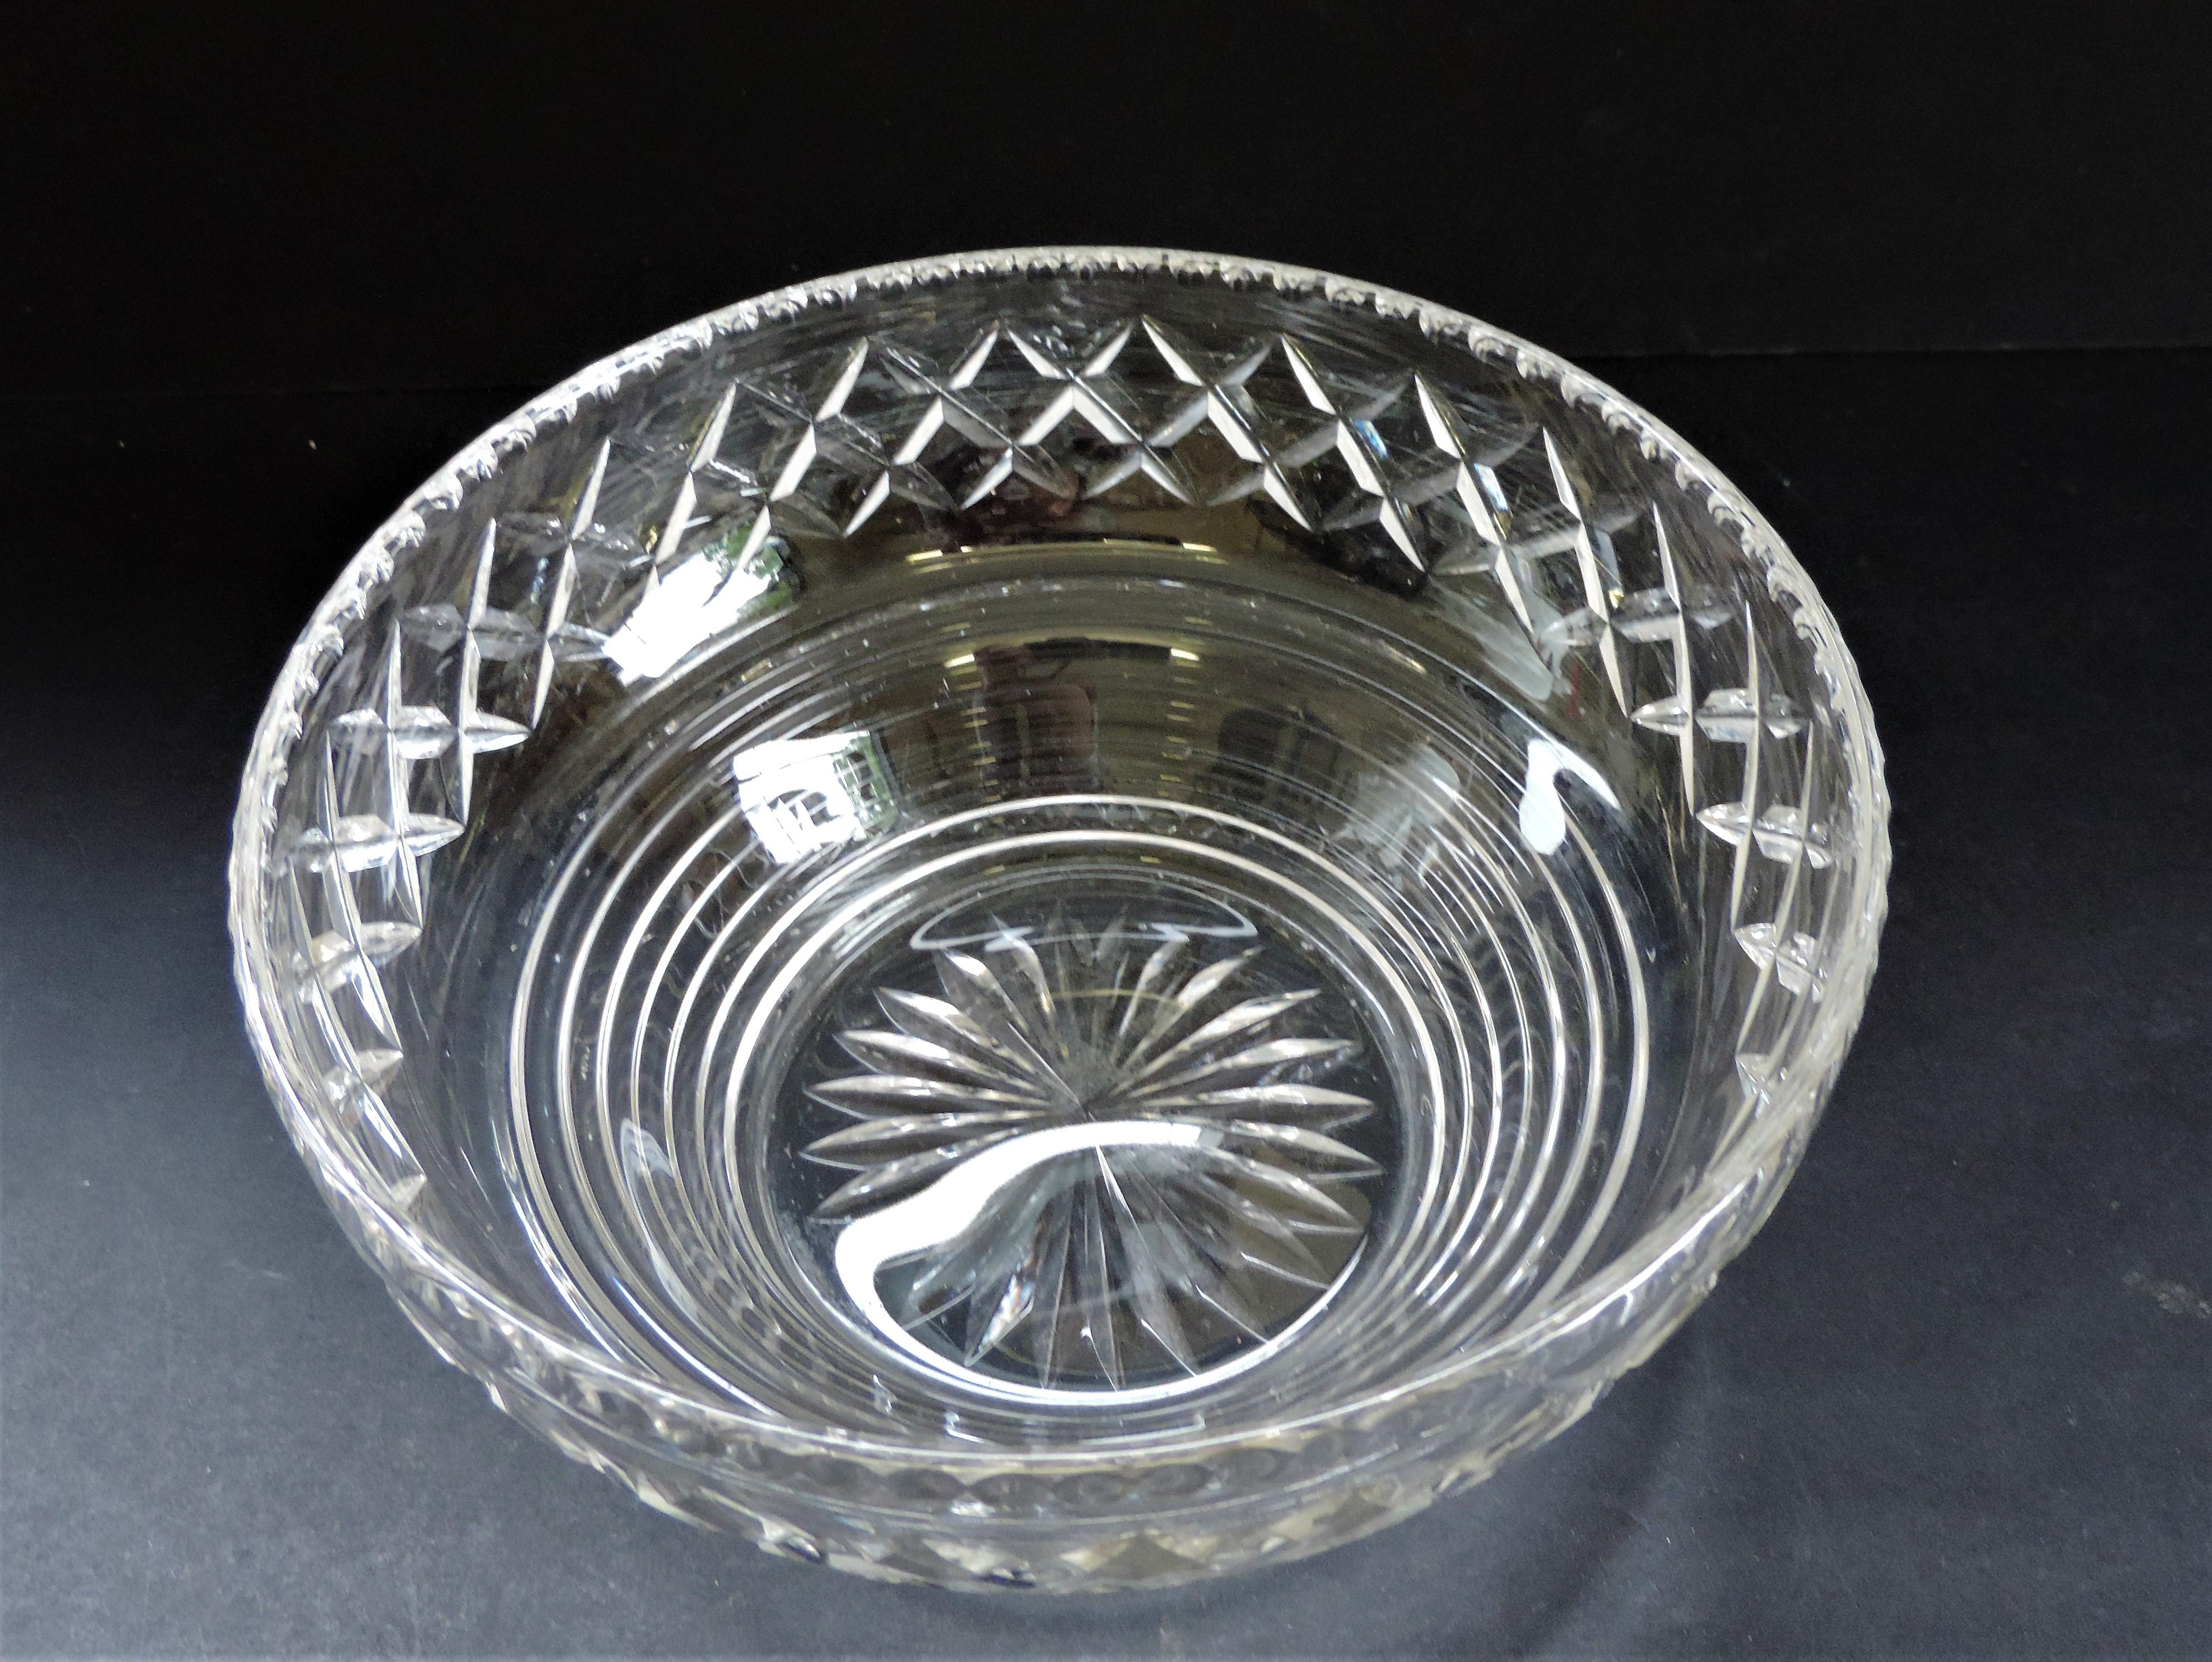 Vintage Art Deco Stuart Crystal Fruit Bowl - Image 4 of 5